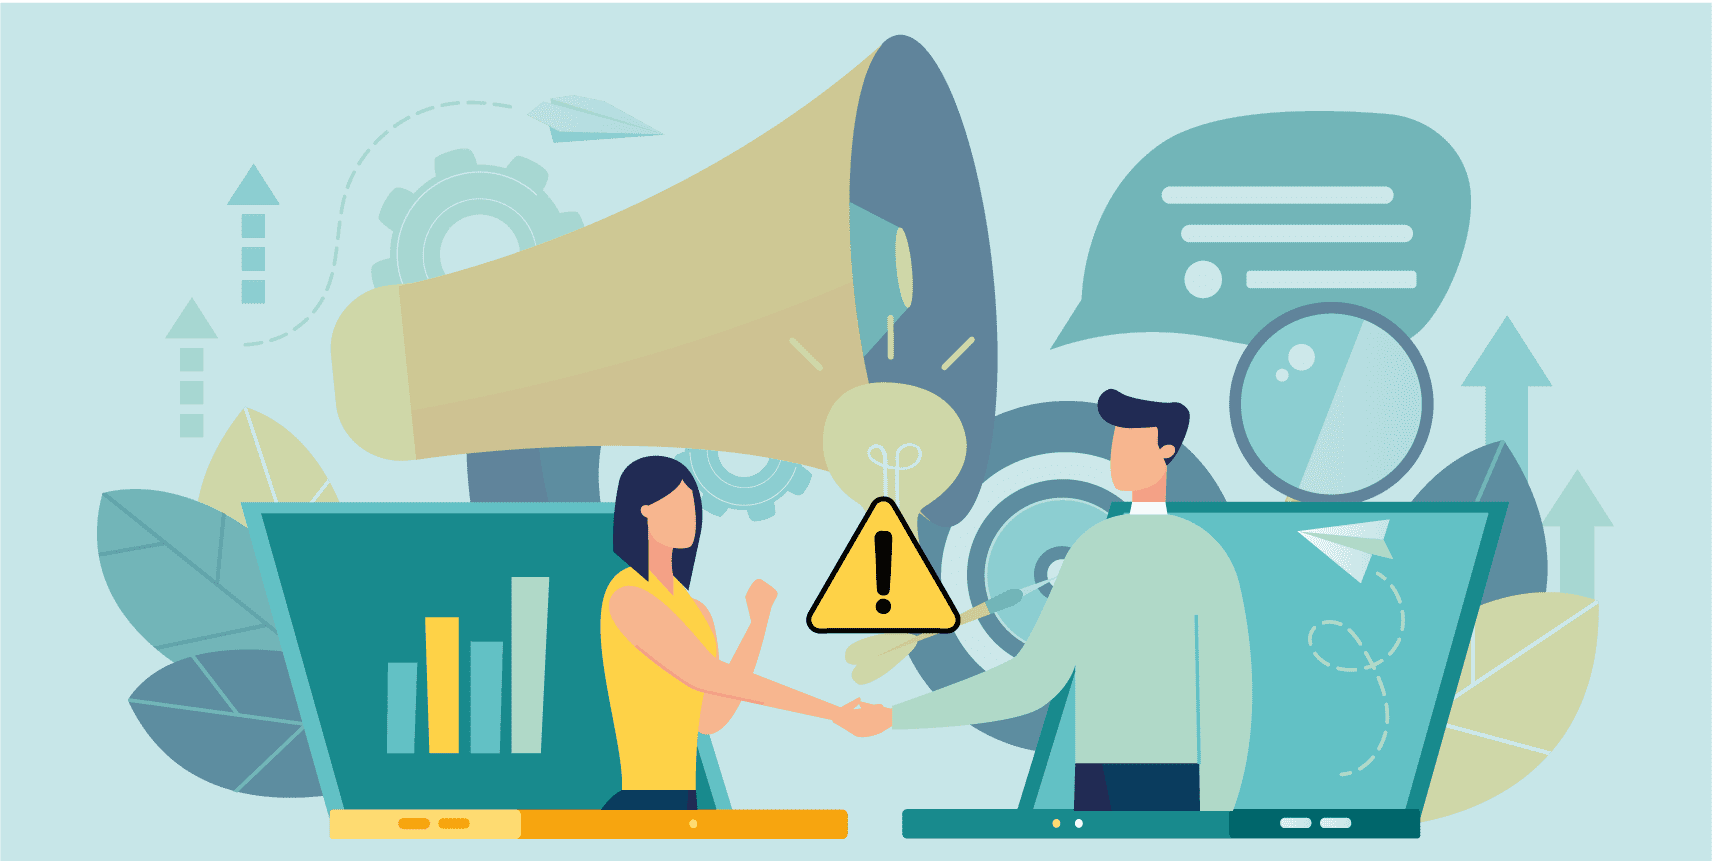 Google Ads e piccole aziende: attento a quello che paghi - background